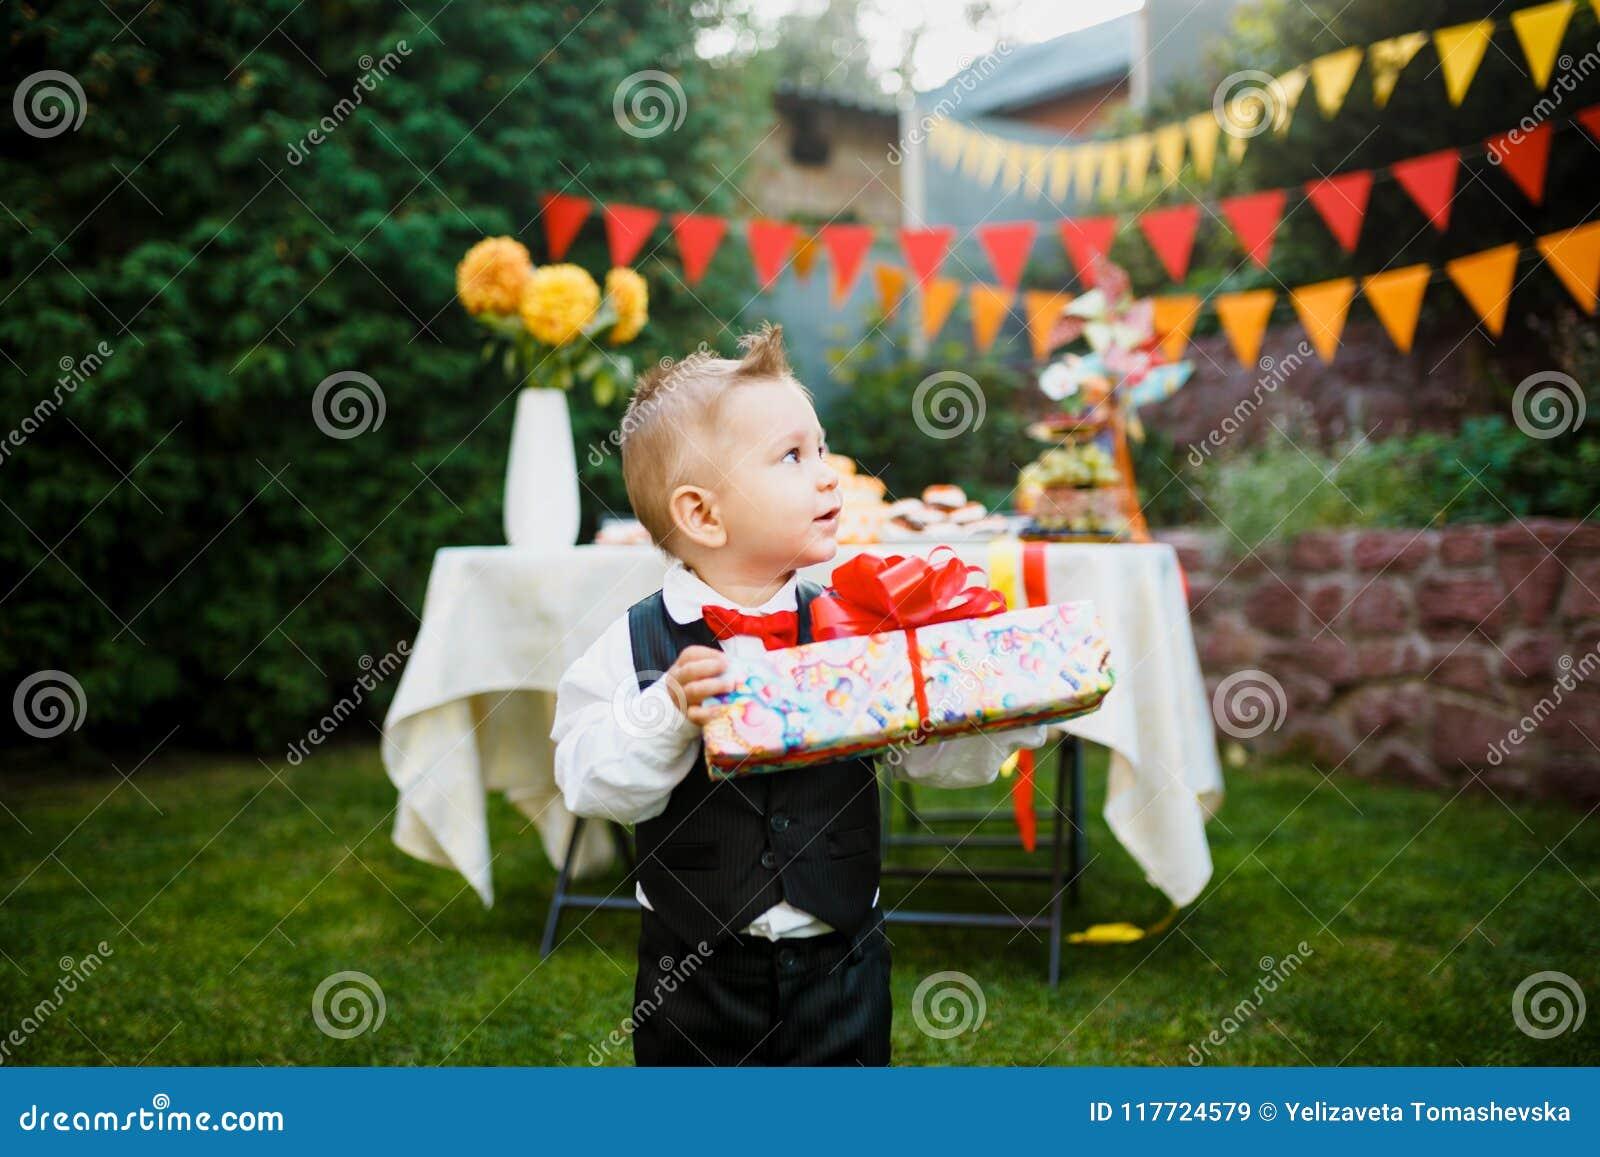 Sorprese Per Un Compleanno sorpresa per il compleanno il ragazzo sta tenendo una